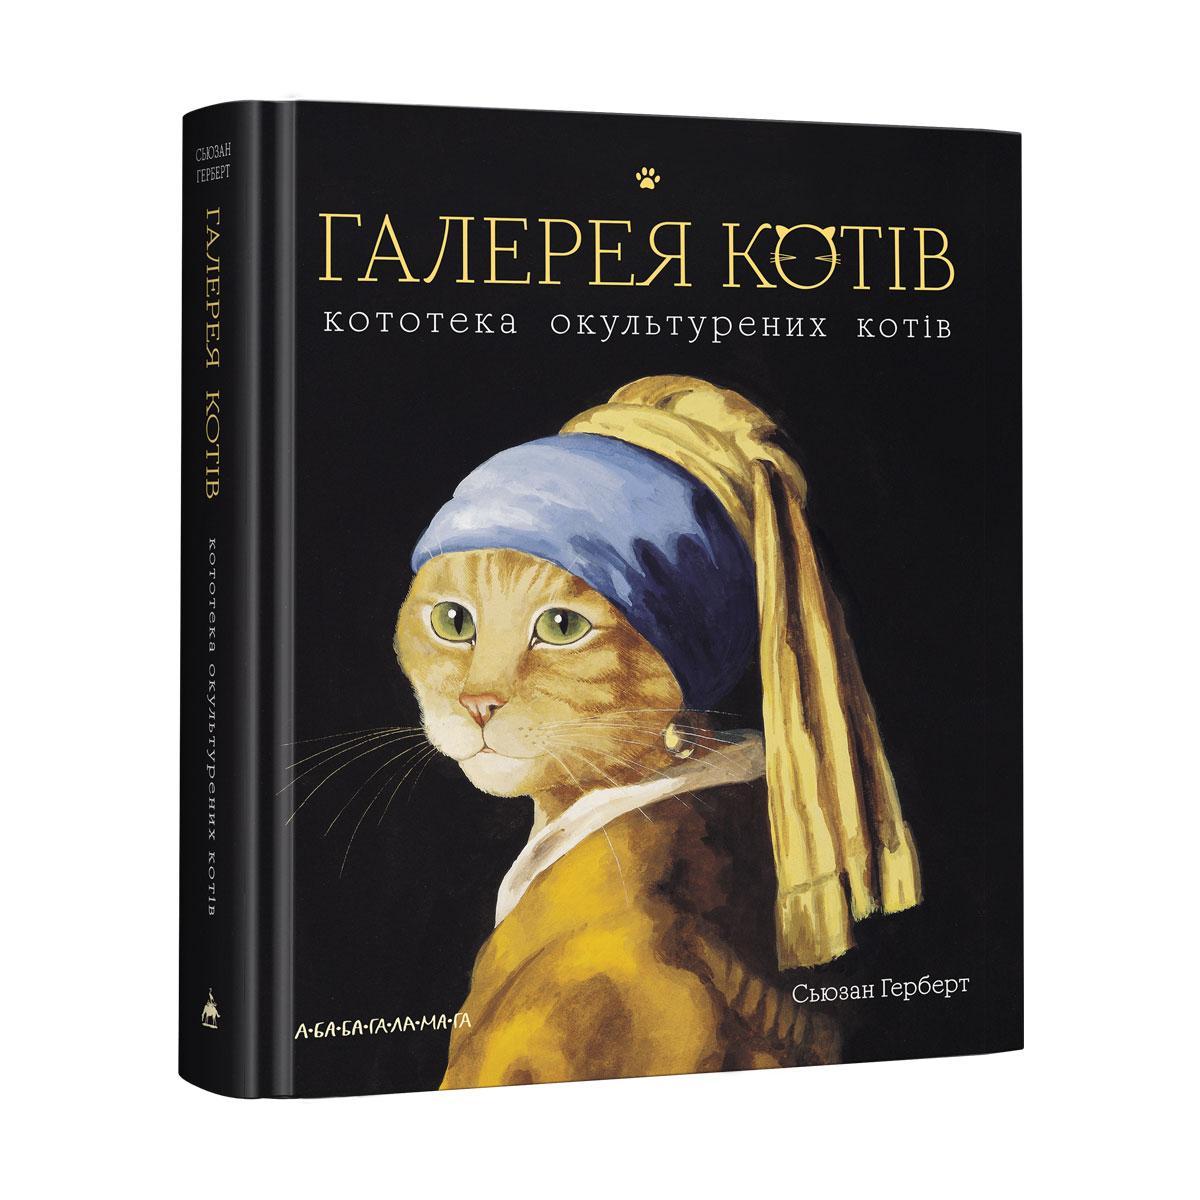 Книга Галерея котів Сьюзан Герберт